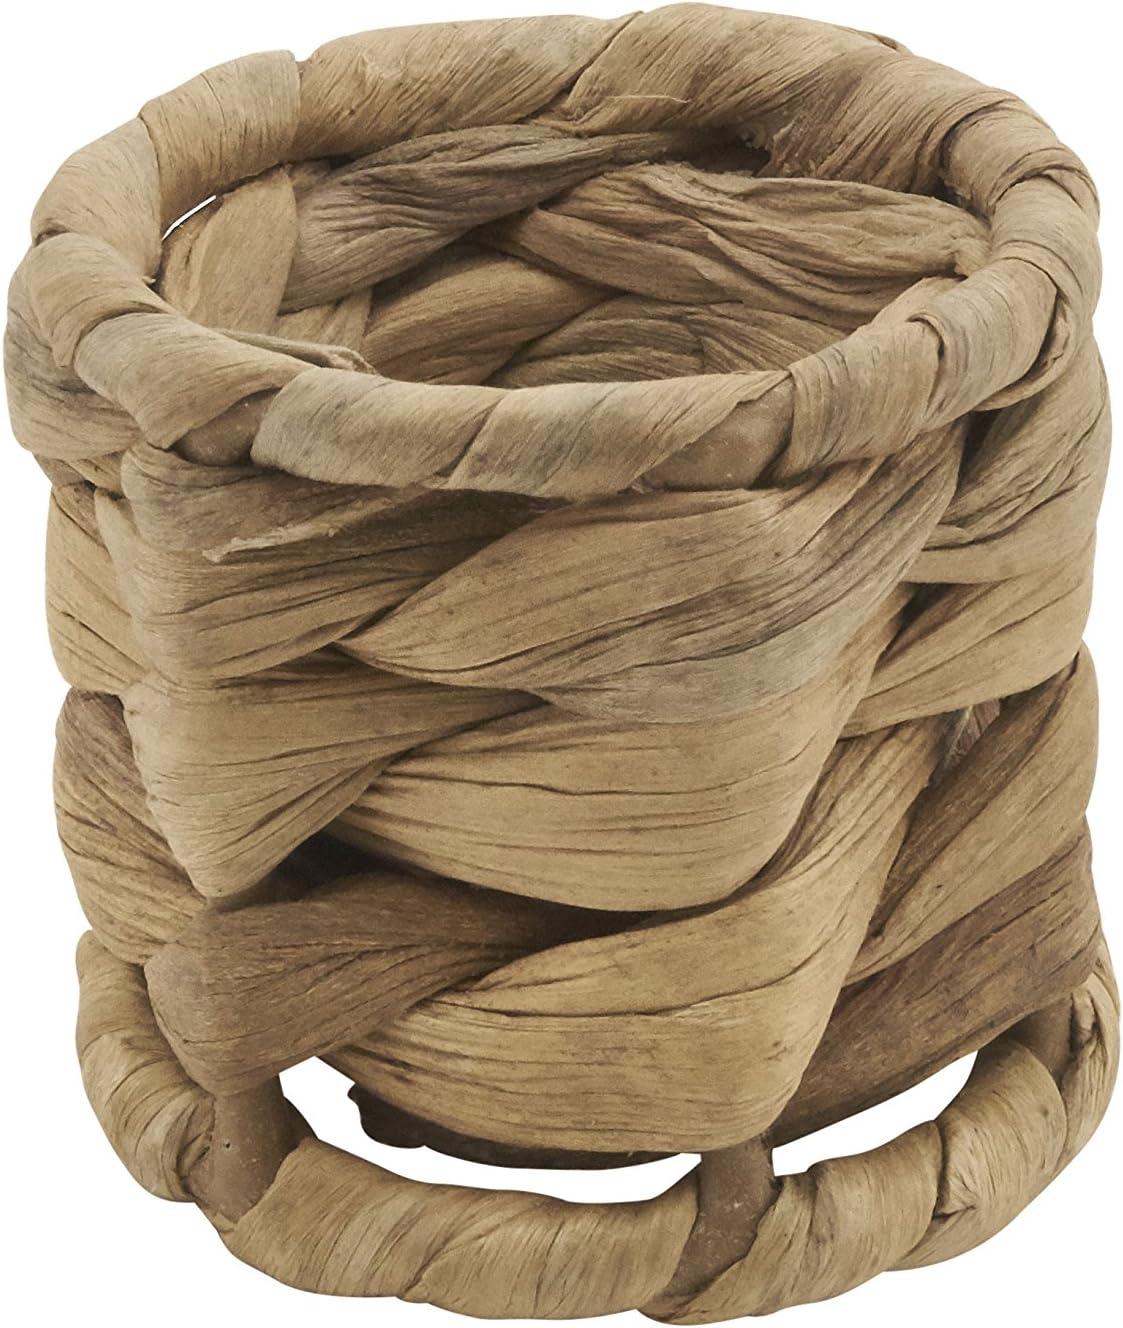 Set of 4 pcs SARO LIFESTYLE Avignon Design Woven Sea Grass Napkin Ring 2.5 x 2.5 Natural